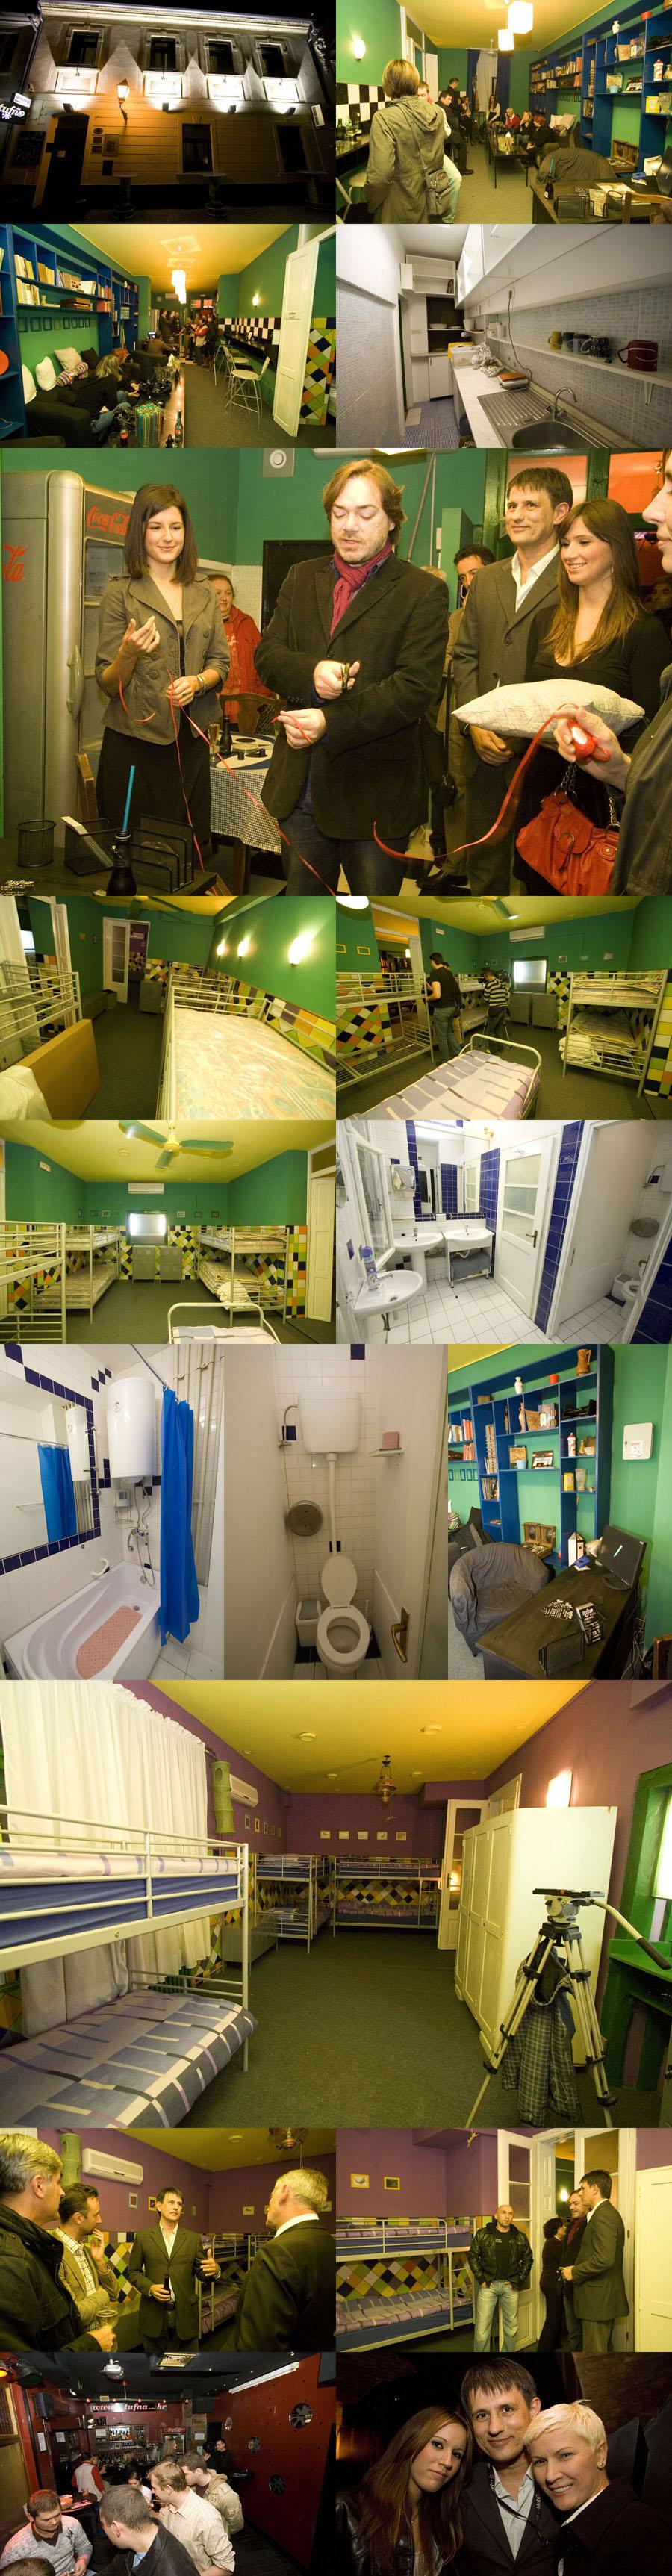 Hostel Tufna - otvorenje  Info: [url=http://www.osijek031.com/osijek.php?najava_id=15675]Hostel Tufna[/url]  Foto: Daniel Antunović   Ključne riječi: tufna hostel